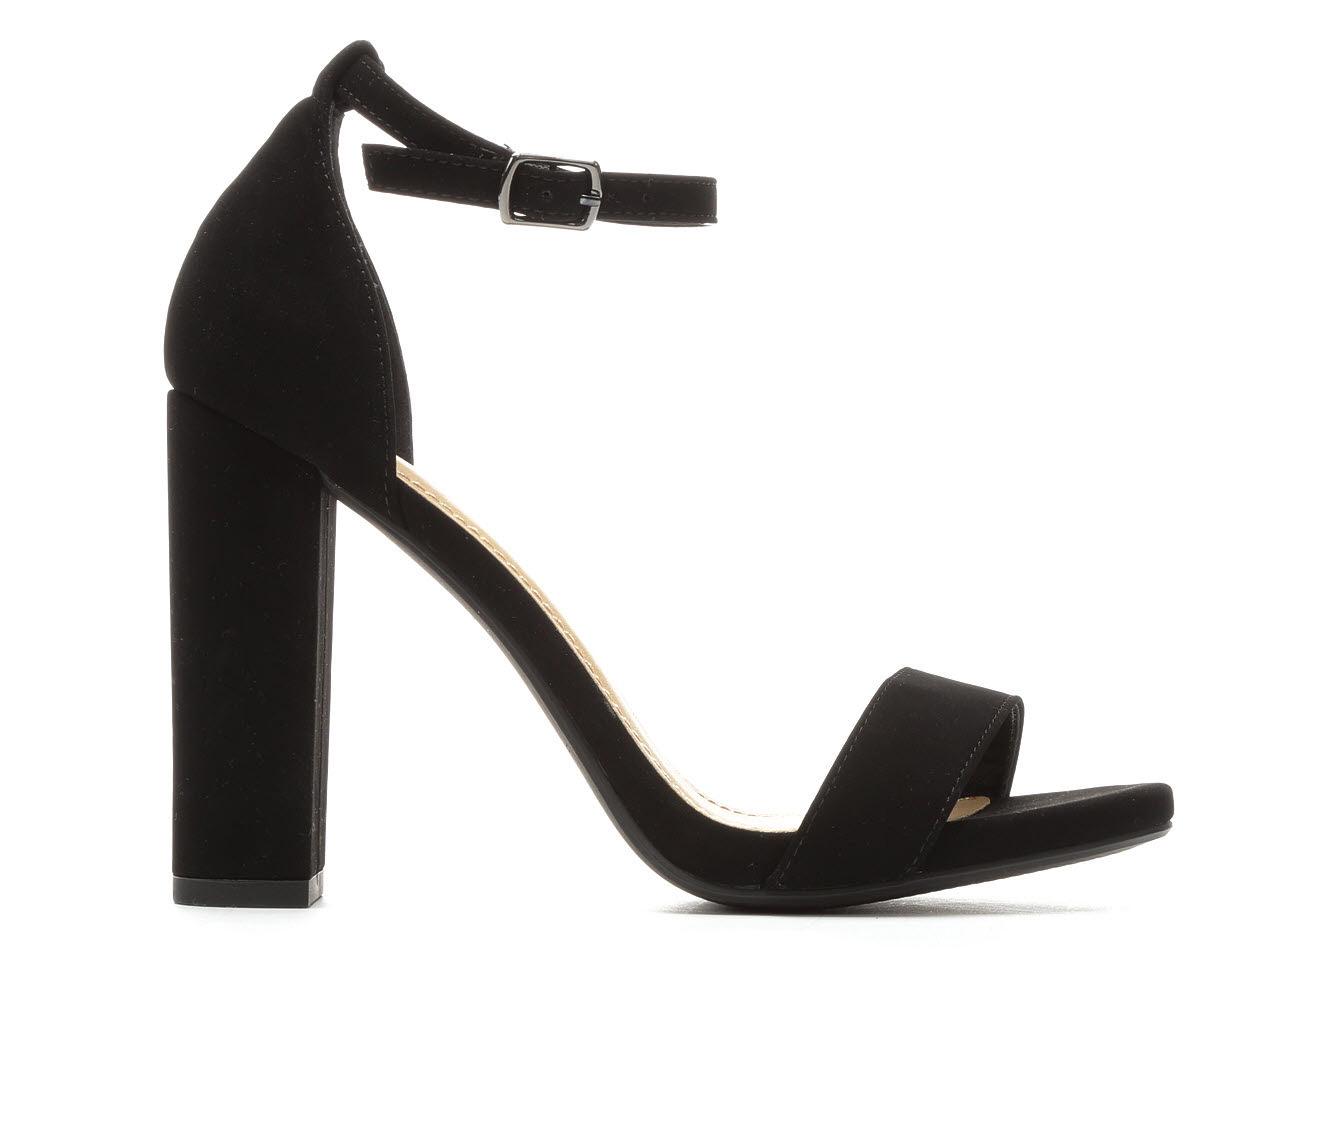 Delicious Shiner Women's Dress Shoe (Black Faux Leather)